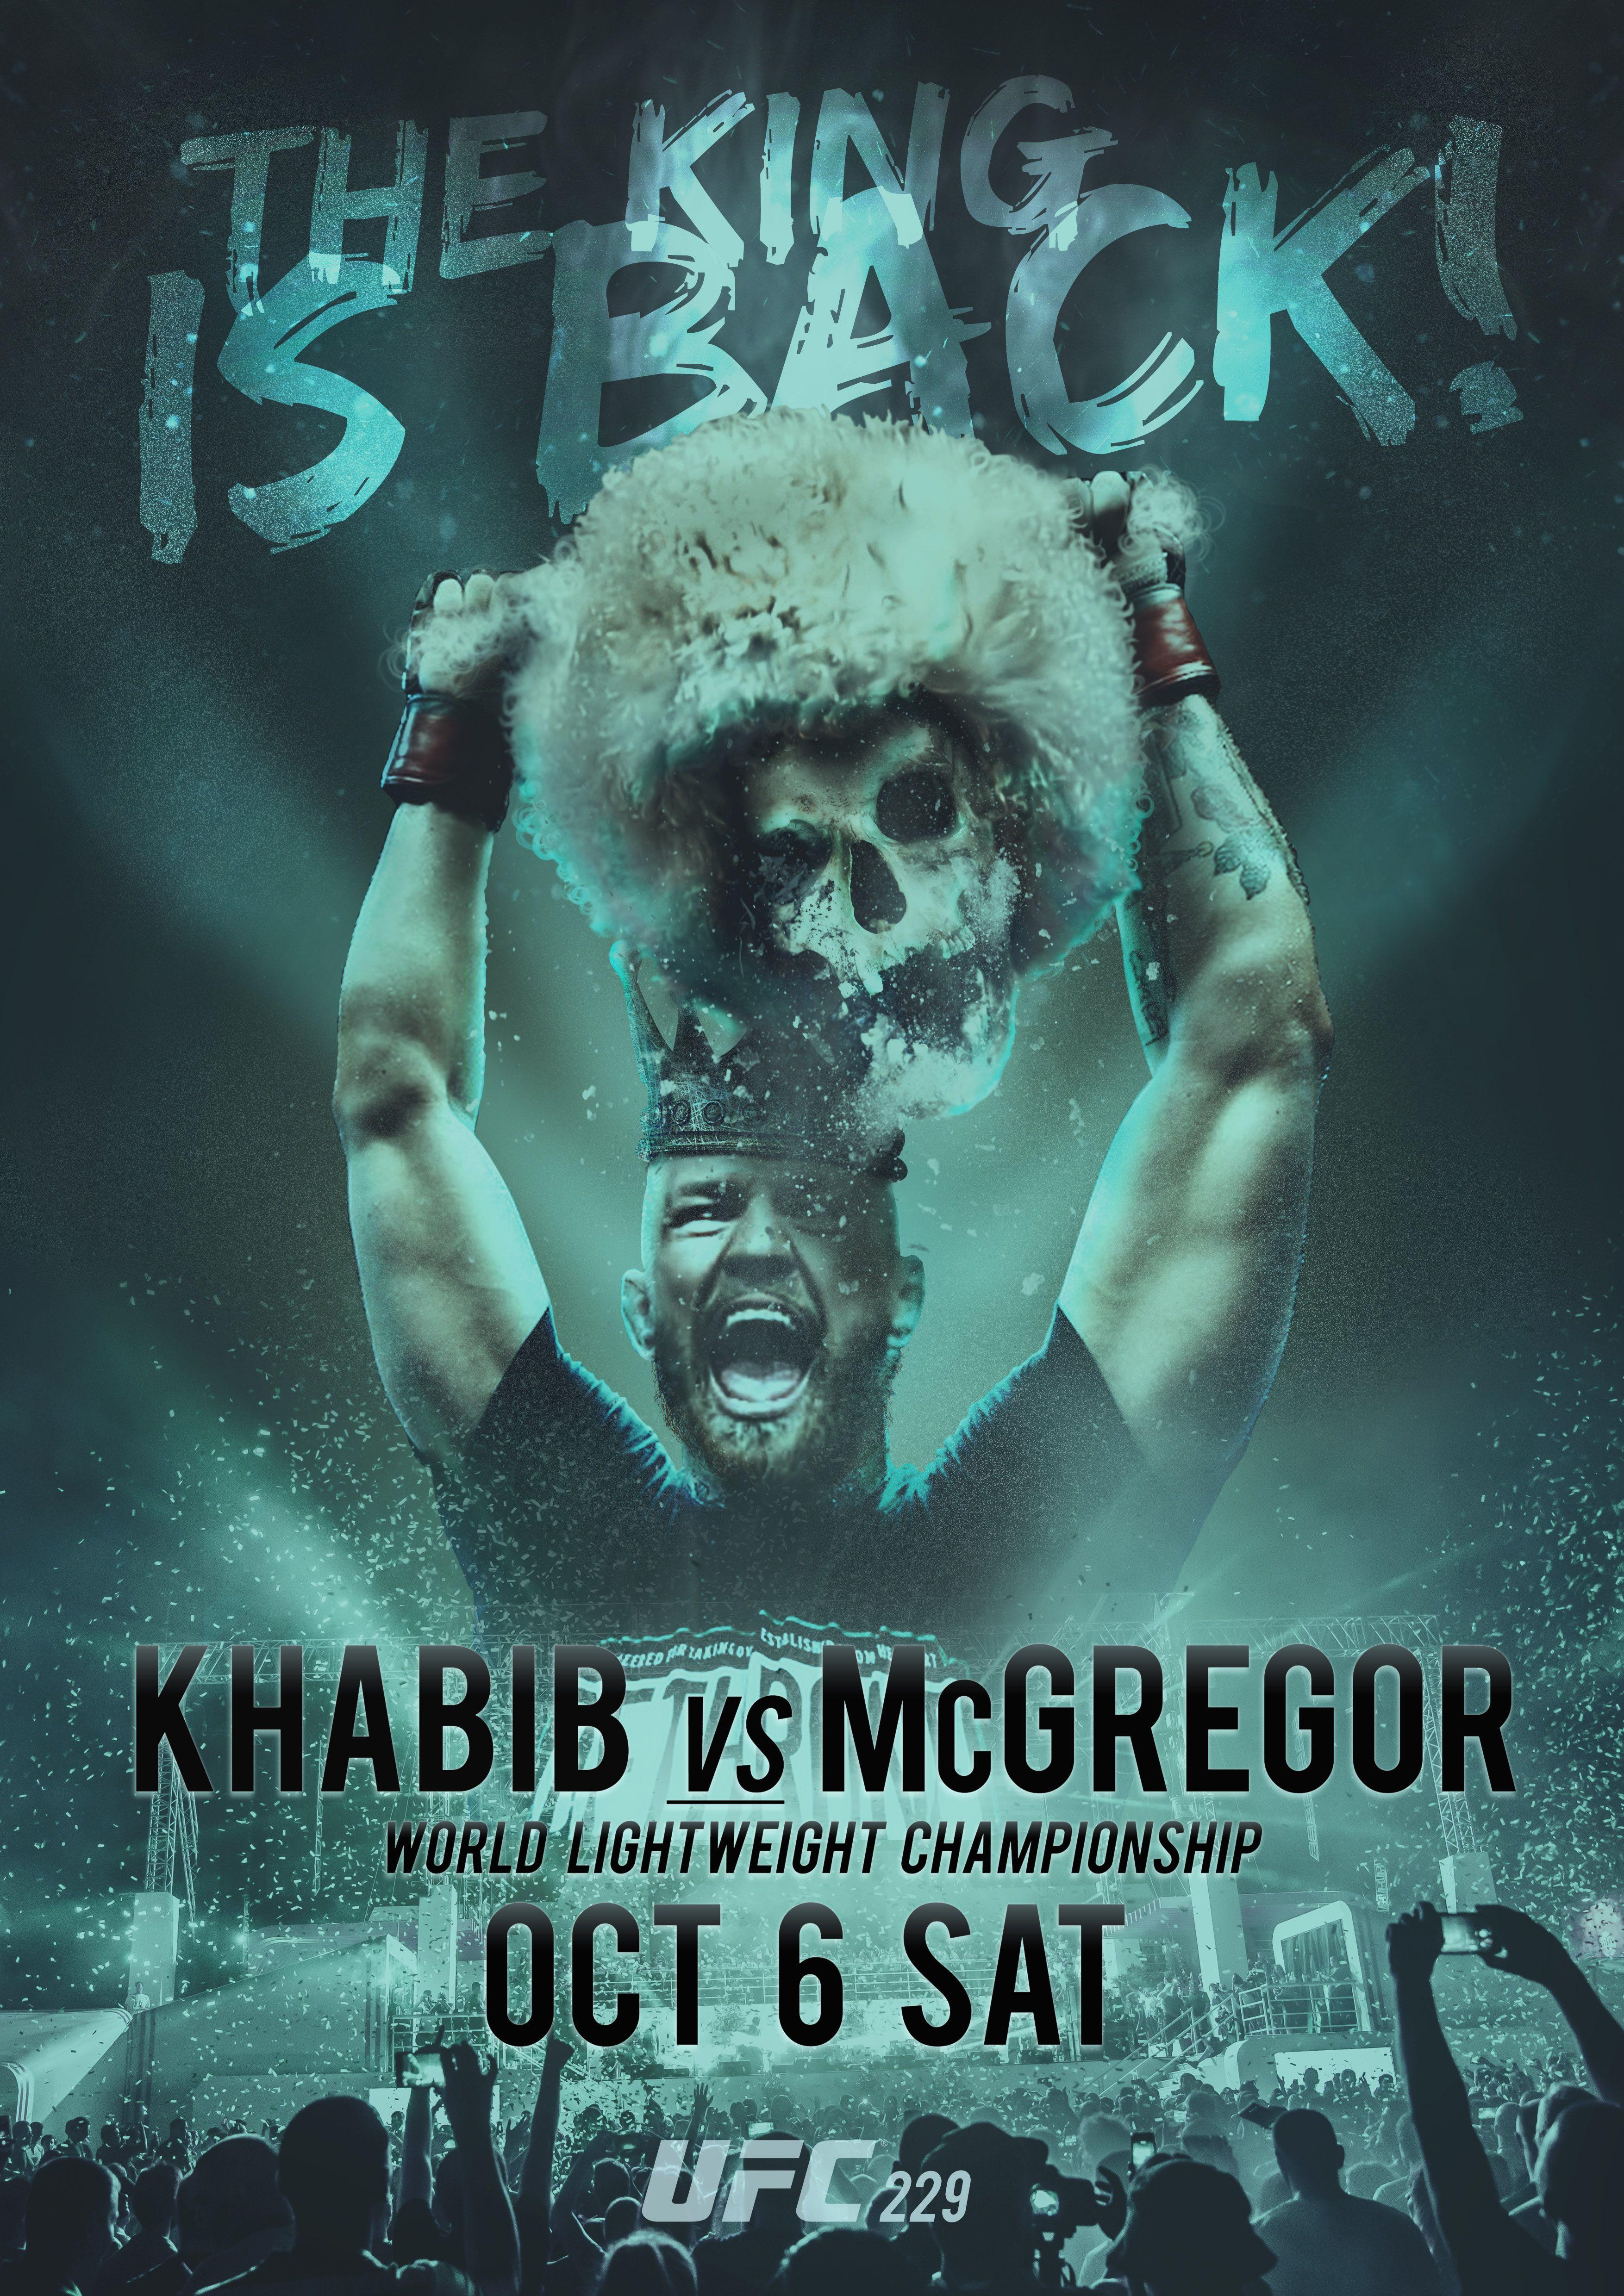 Mcgregor Vs Khabib Ufc Conor Mcgregor Mcgregor Fight Notorious Conor Mcgregor